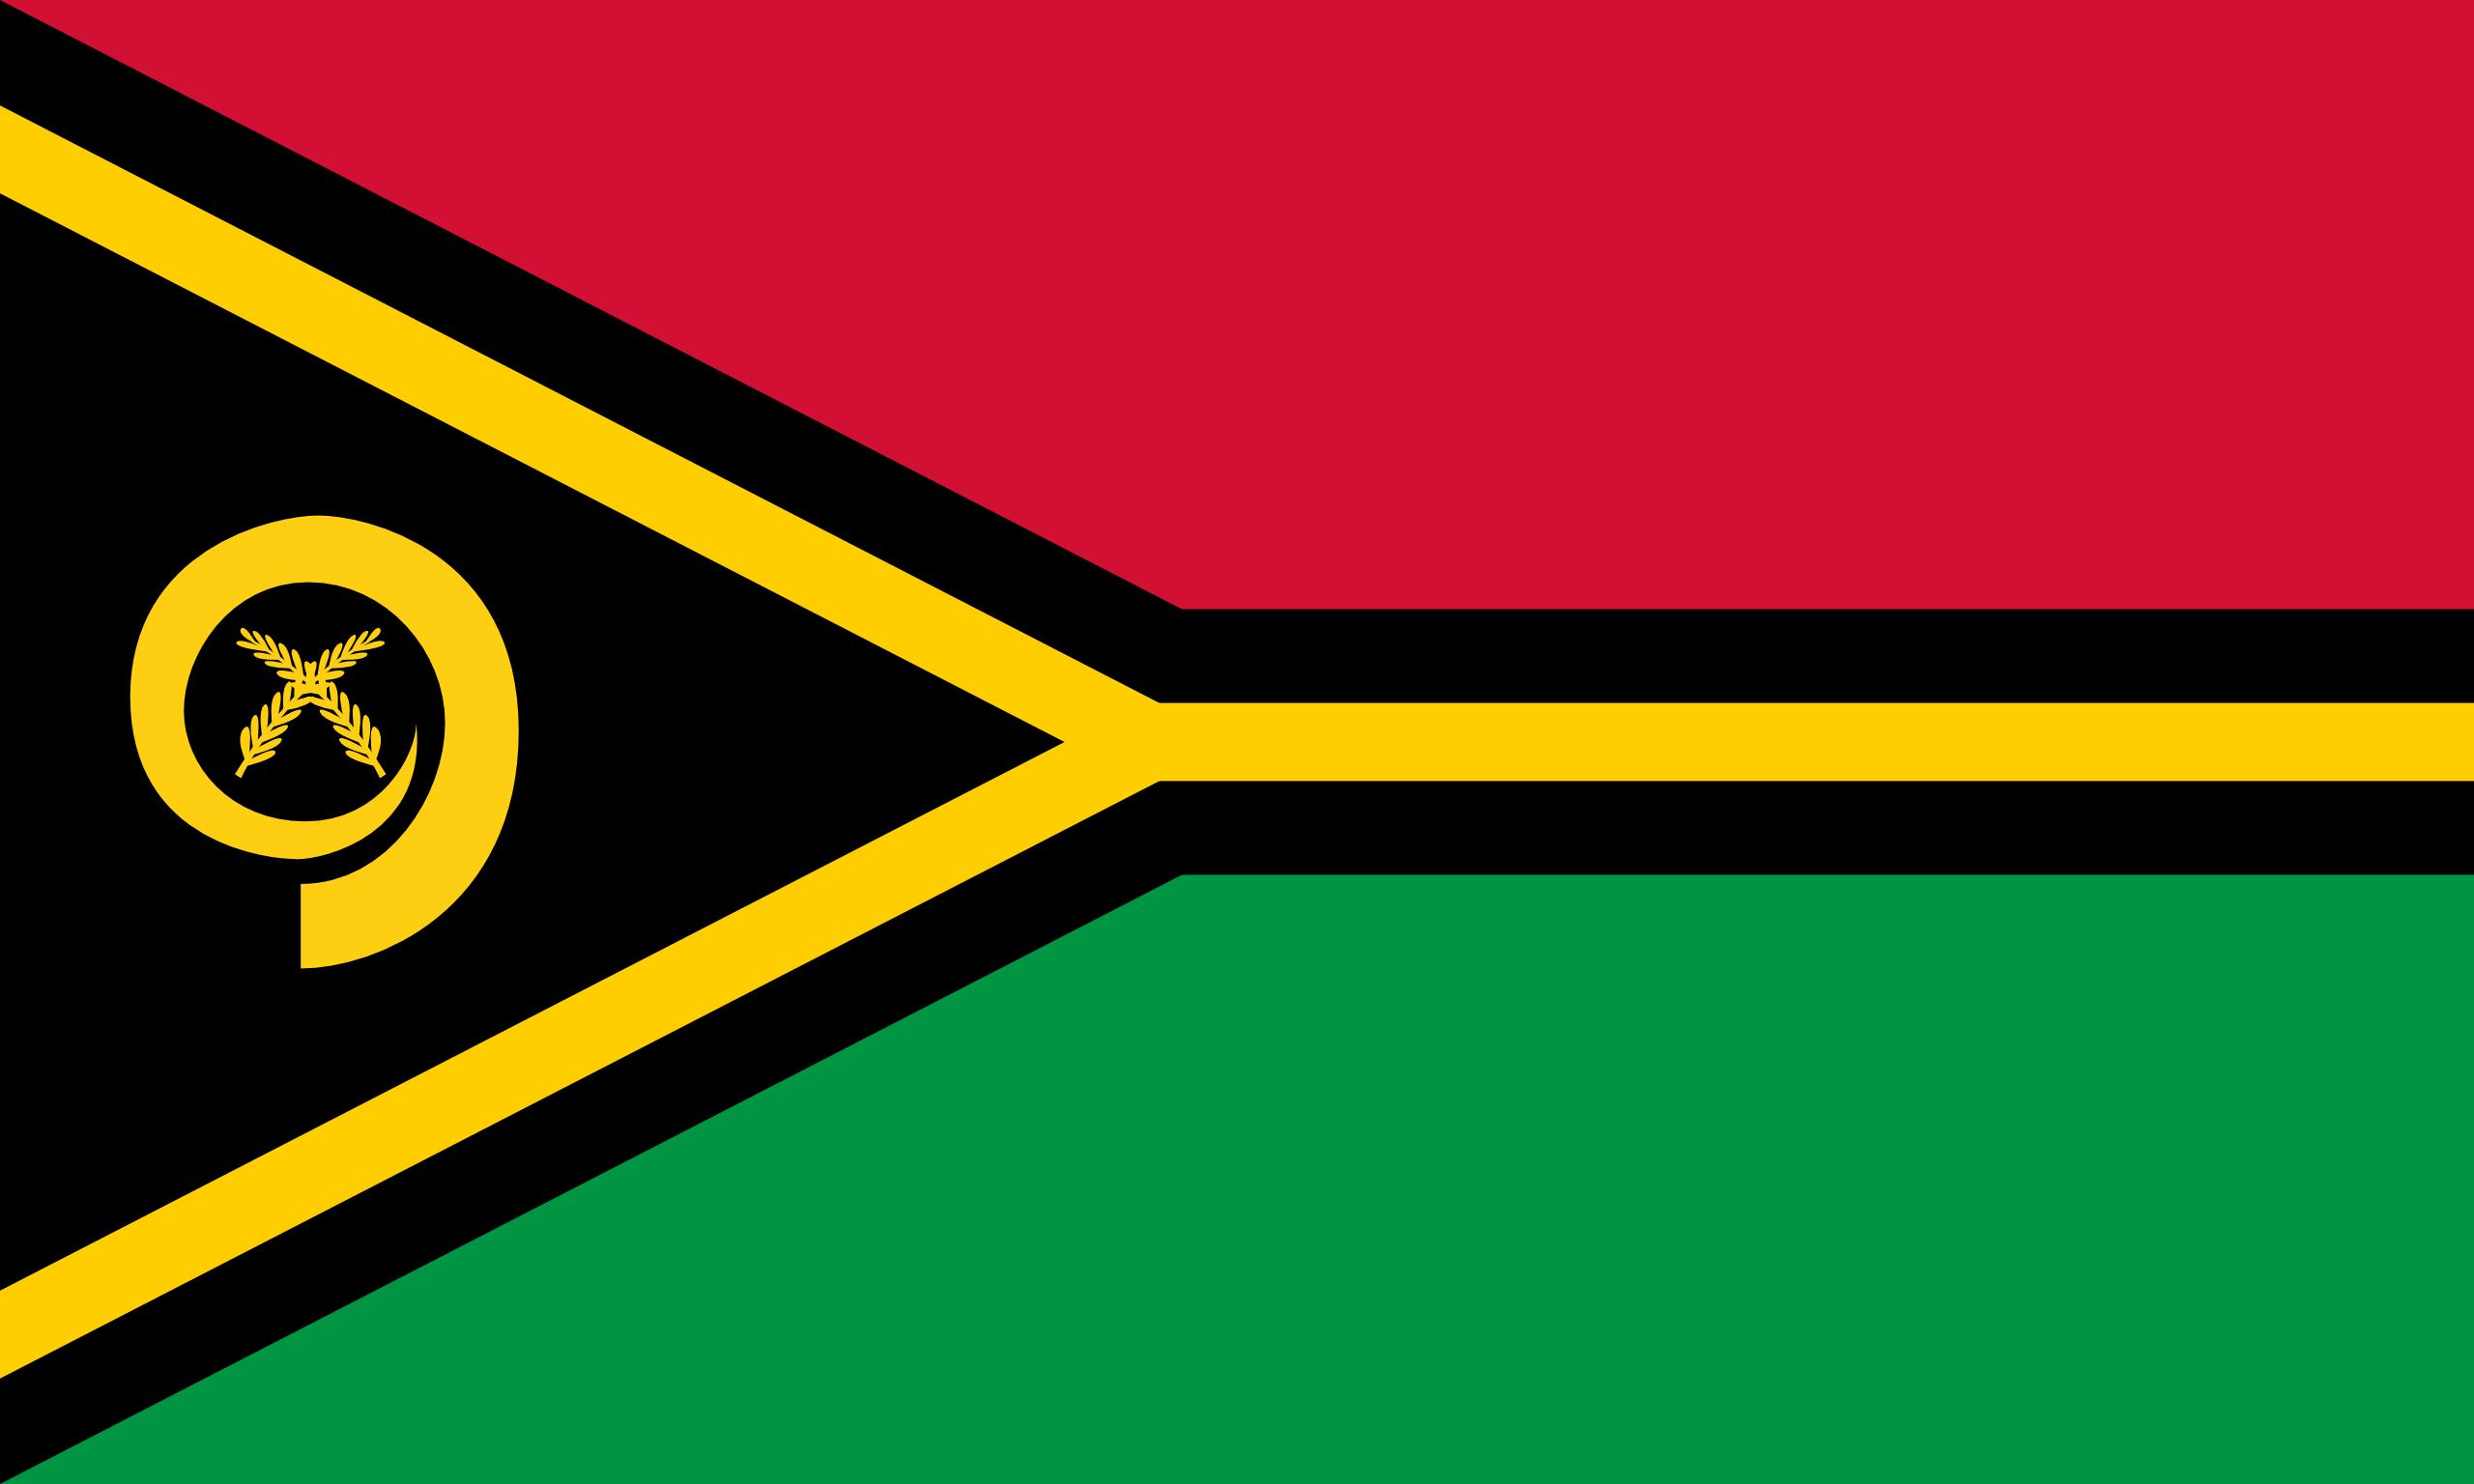 Vanuatu, Land, Emblem, Logo, Symbol - Wallpaper HD - Prof.-falken.com